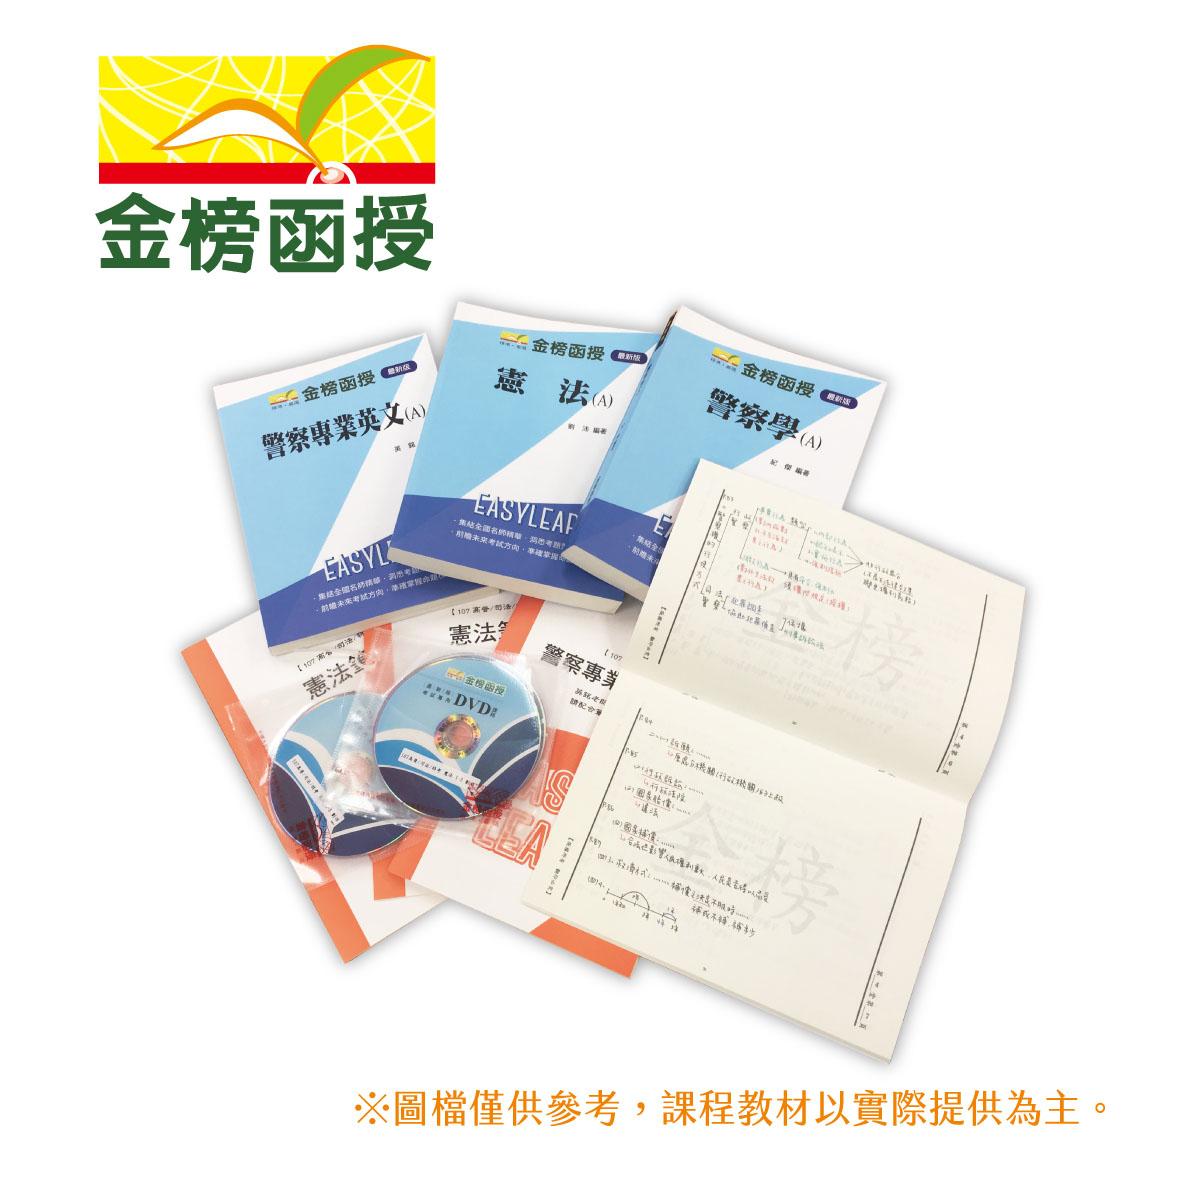 107金榜函授/地方特考/四等/全套/交通行政/MP3/专业科目